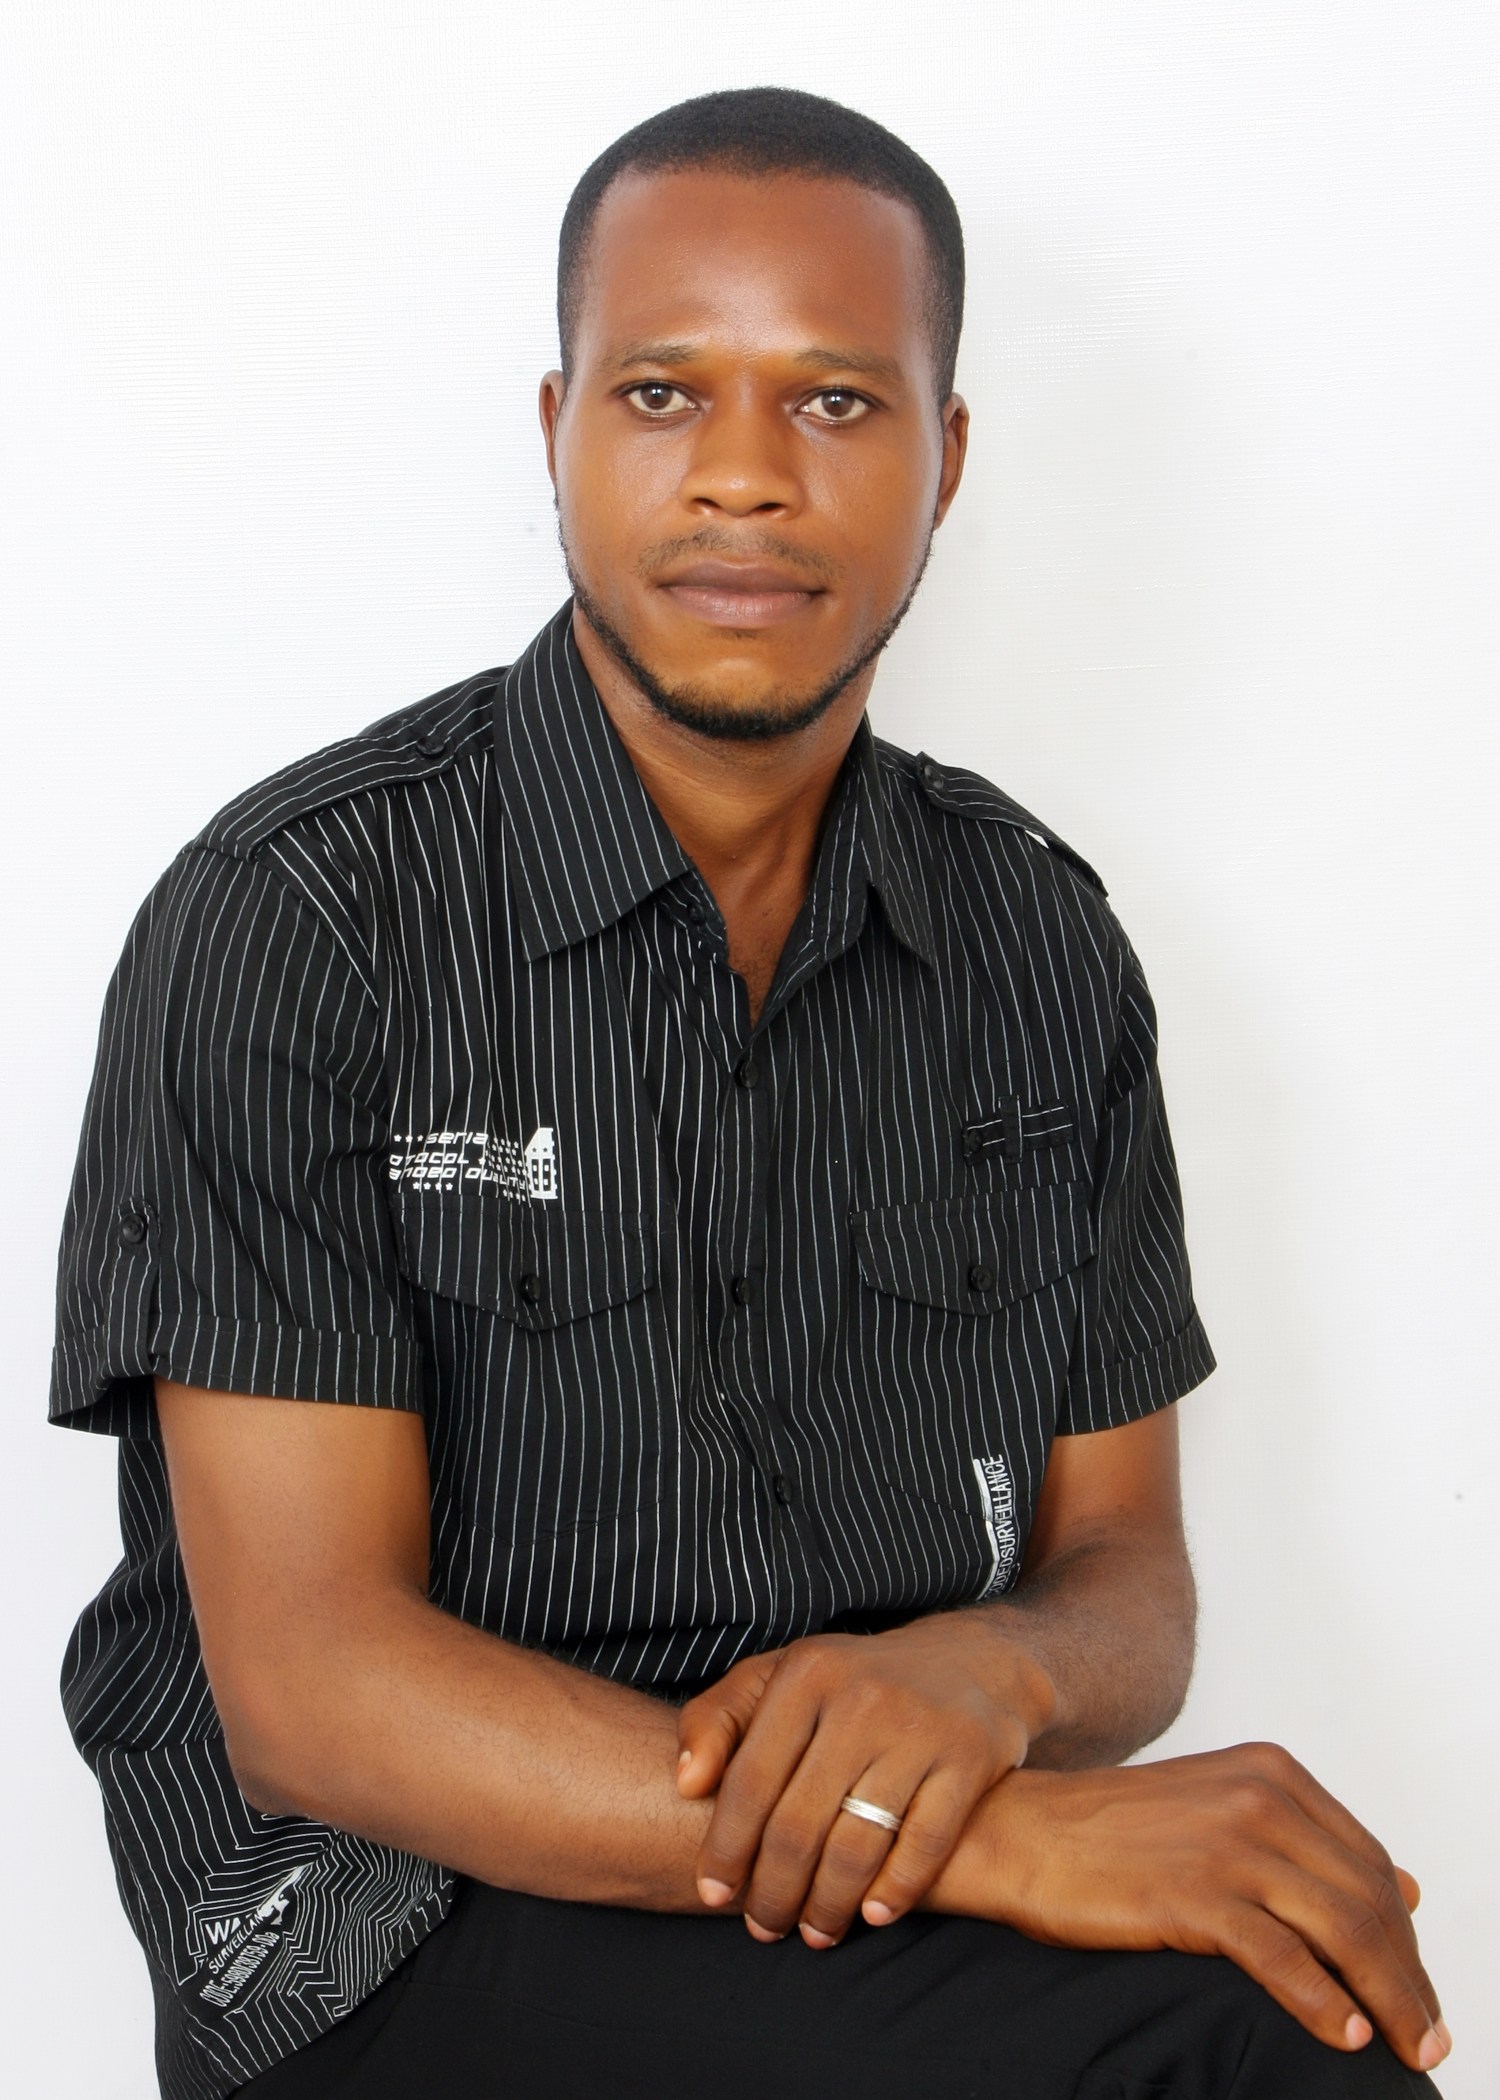 Okonkwo Desmond